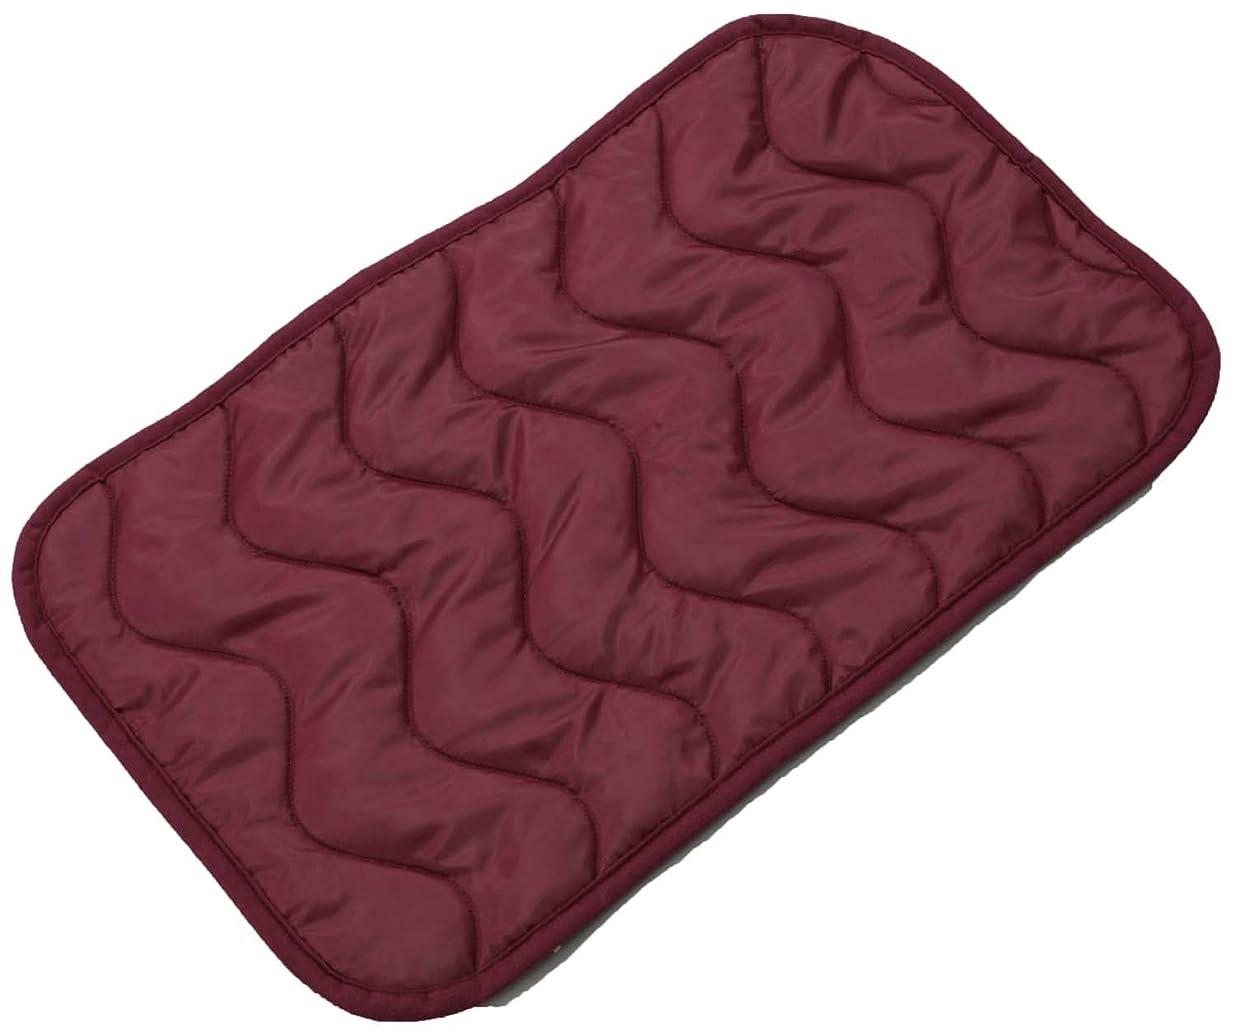 精度地殻練習オーラ 蓄熱繊維 足湯気分 コンパクトな部分浴サイズ